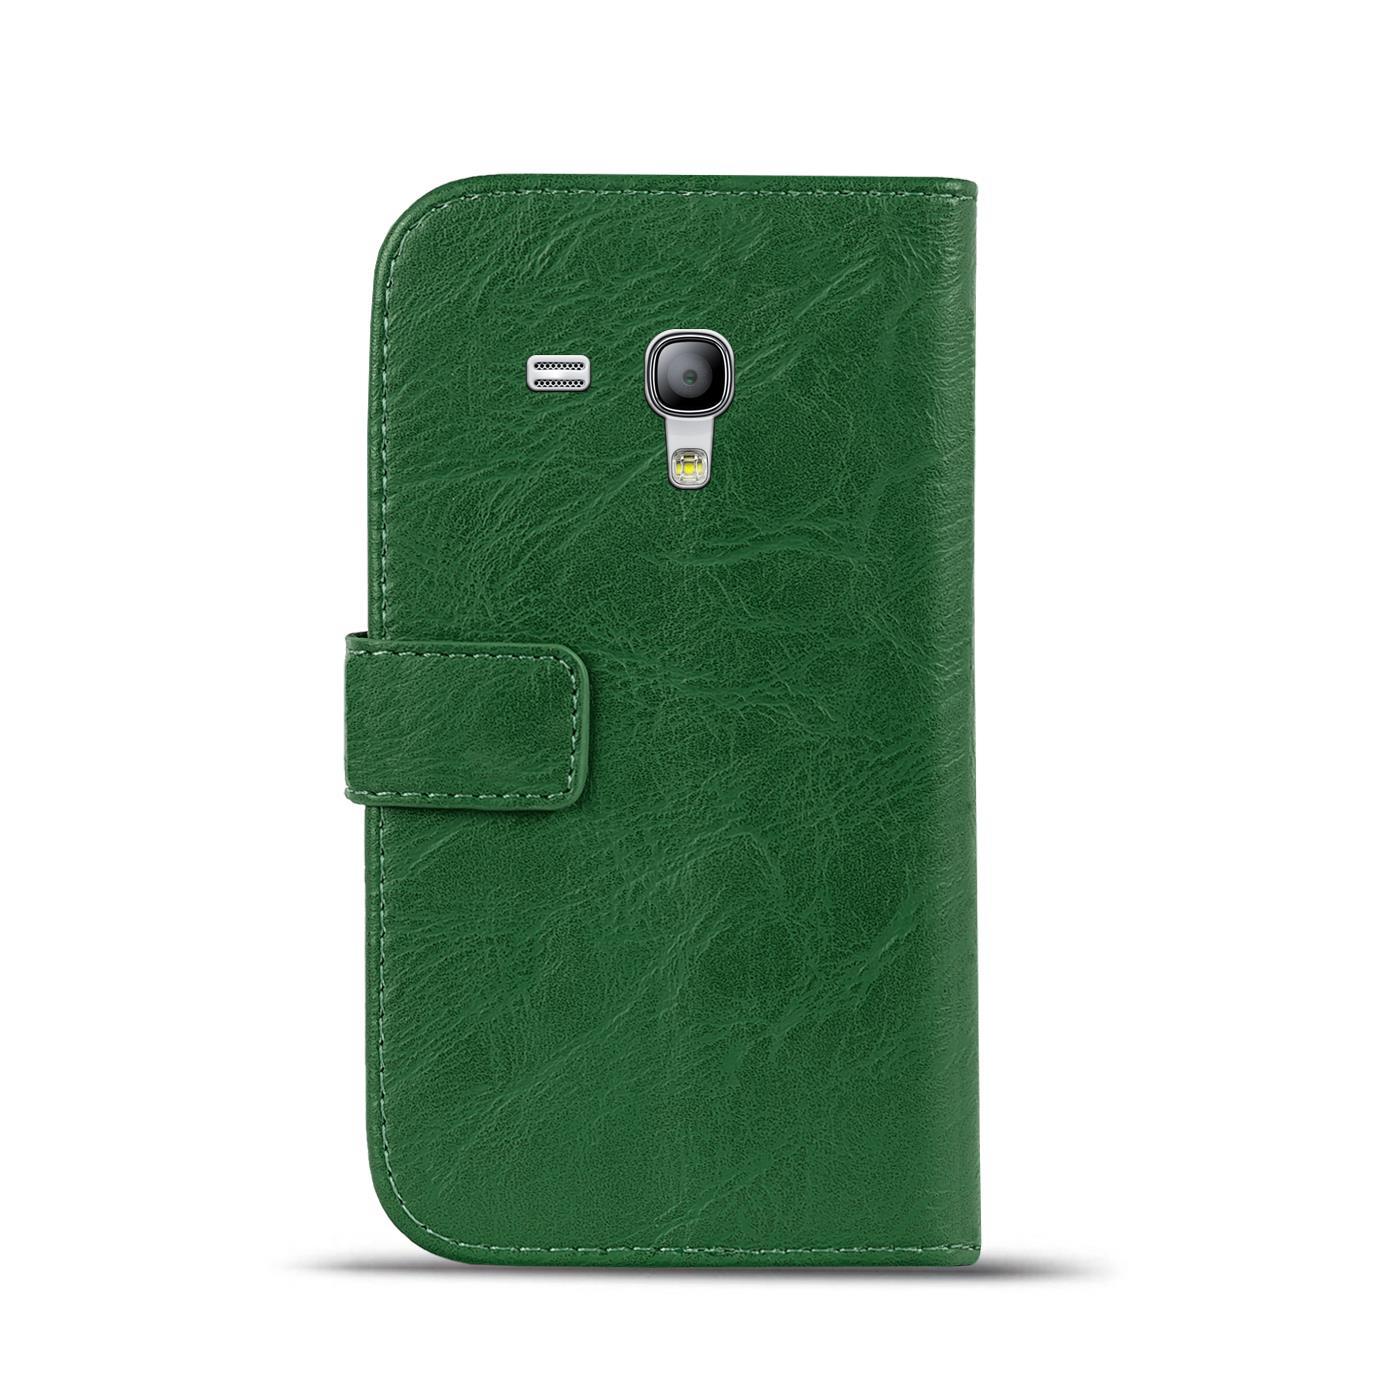 Klapphuelle-Samsung-Galaxy-S3-Mini-Huelle-Schutzhuelle-Wallet-Cover-Flip-Case Indexbild 13